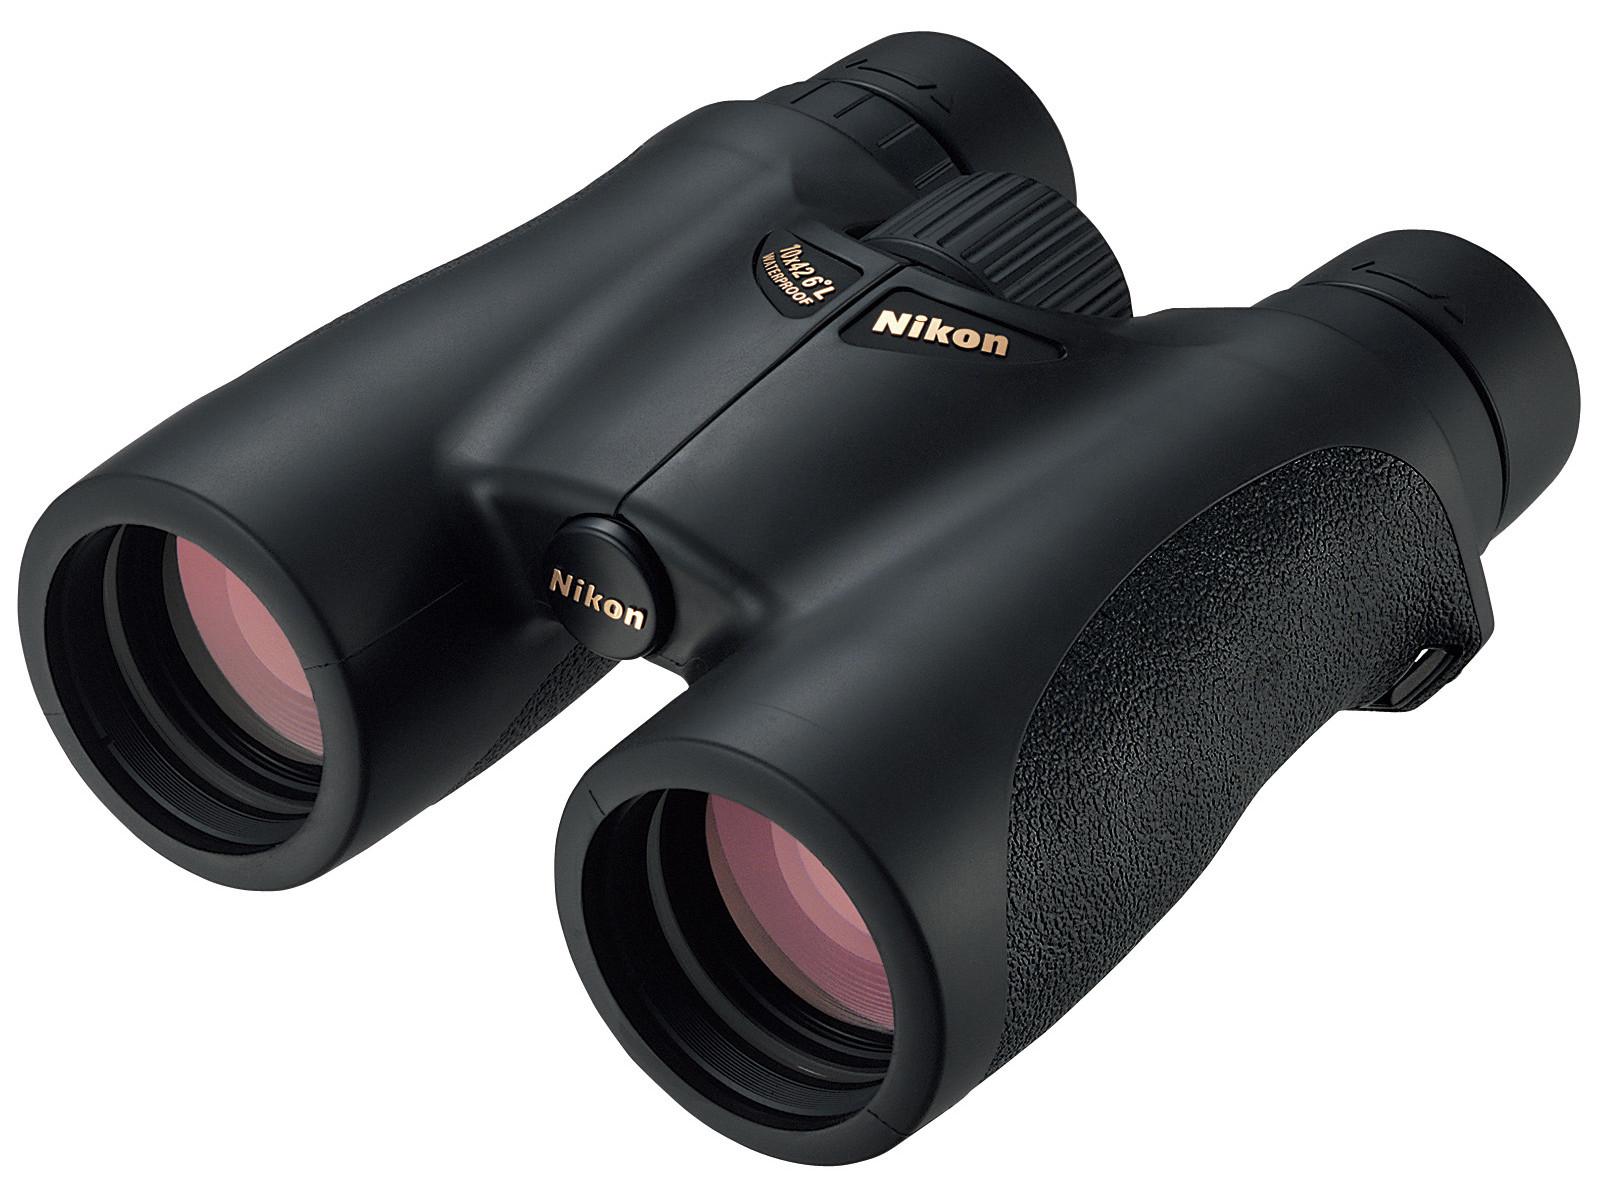 HG L DCF WP 10X42 雙筒望遠鏡